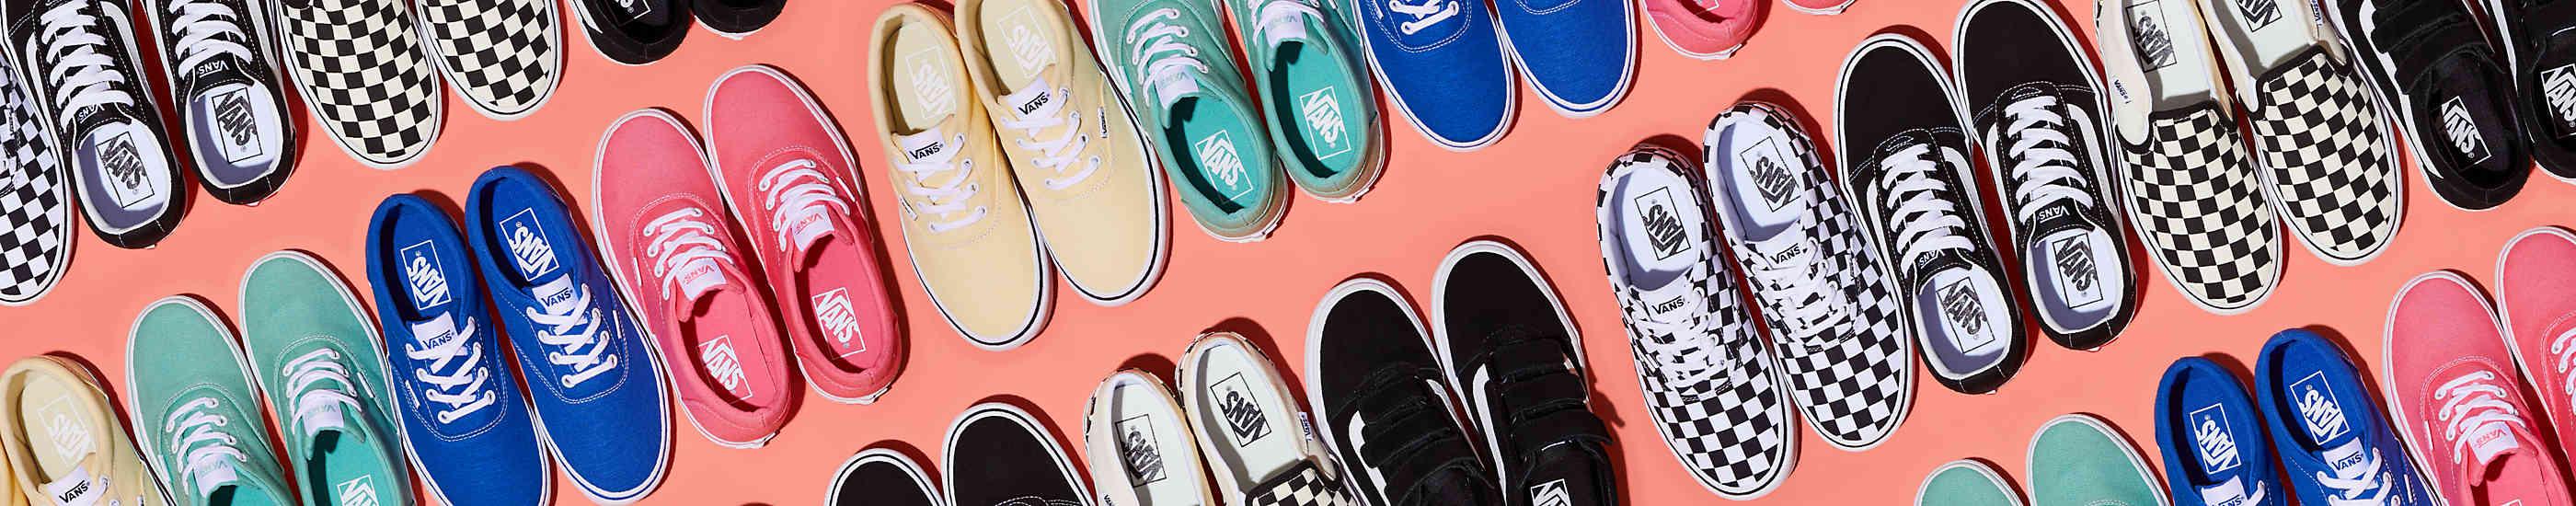 5fd8ab699b68d5 Vans Shoes